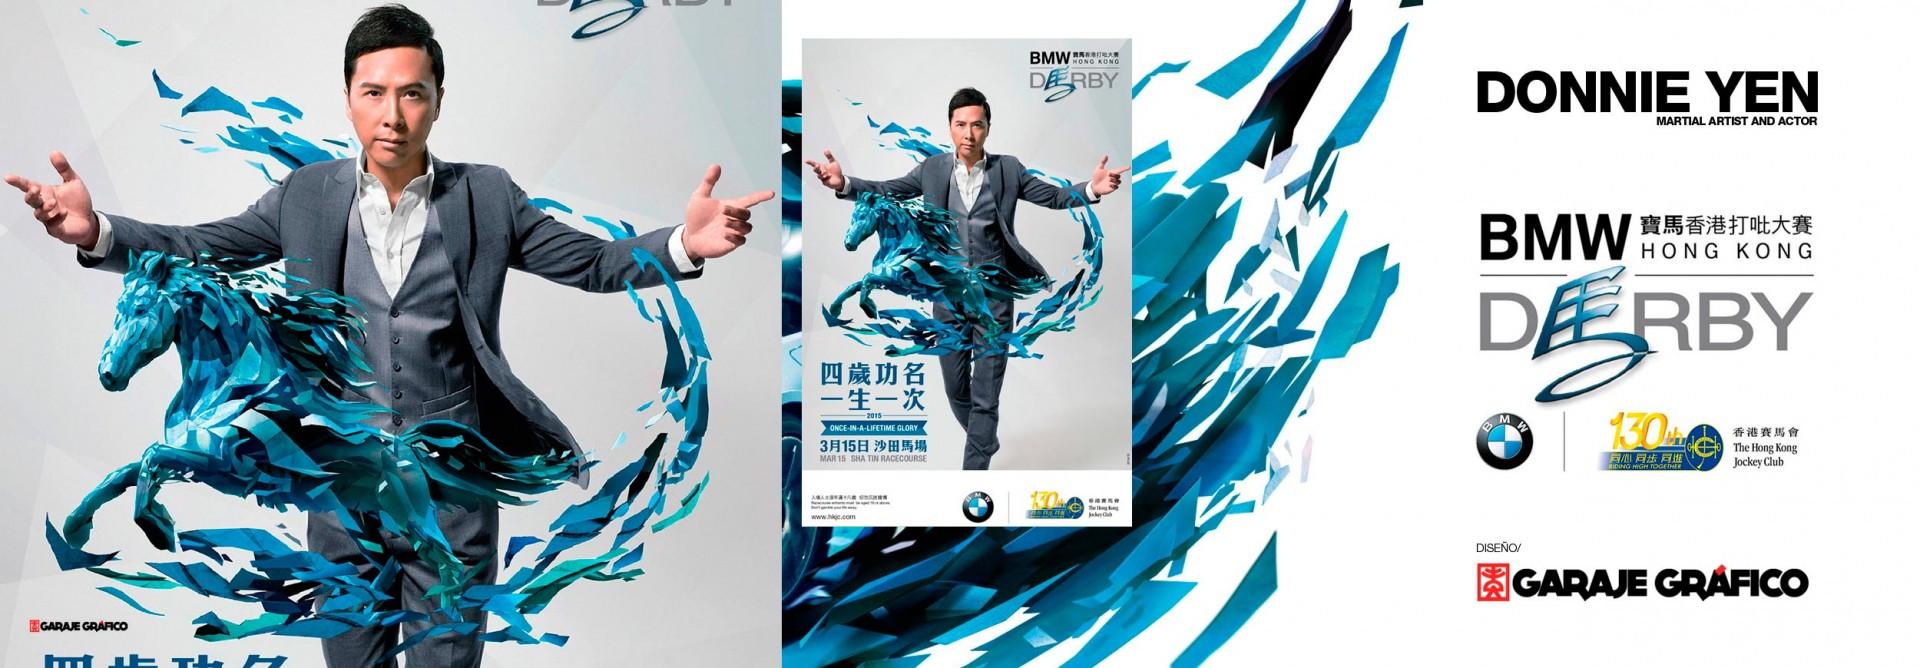 Diseño para la promoción internacional de DONNIE YEN (BMW DERBY)